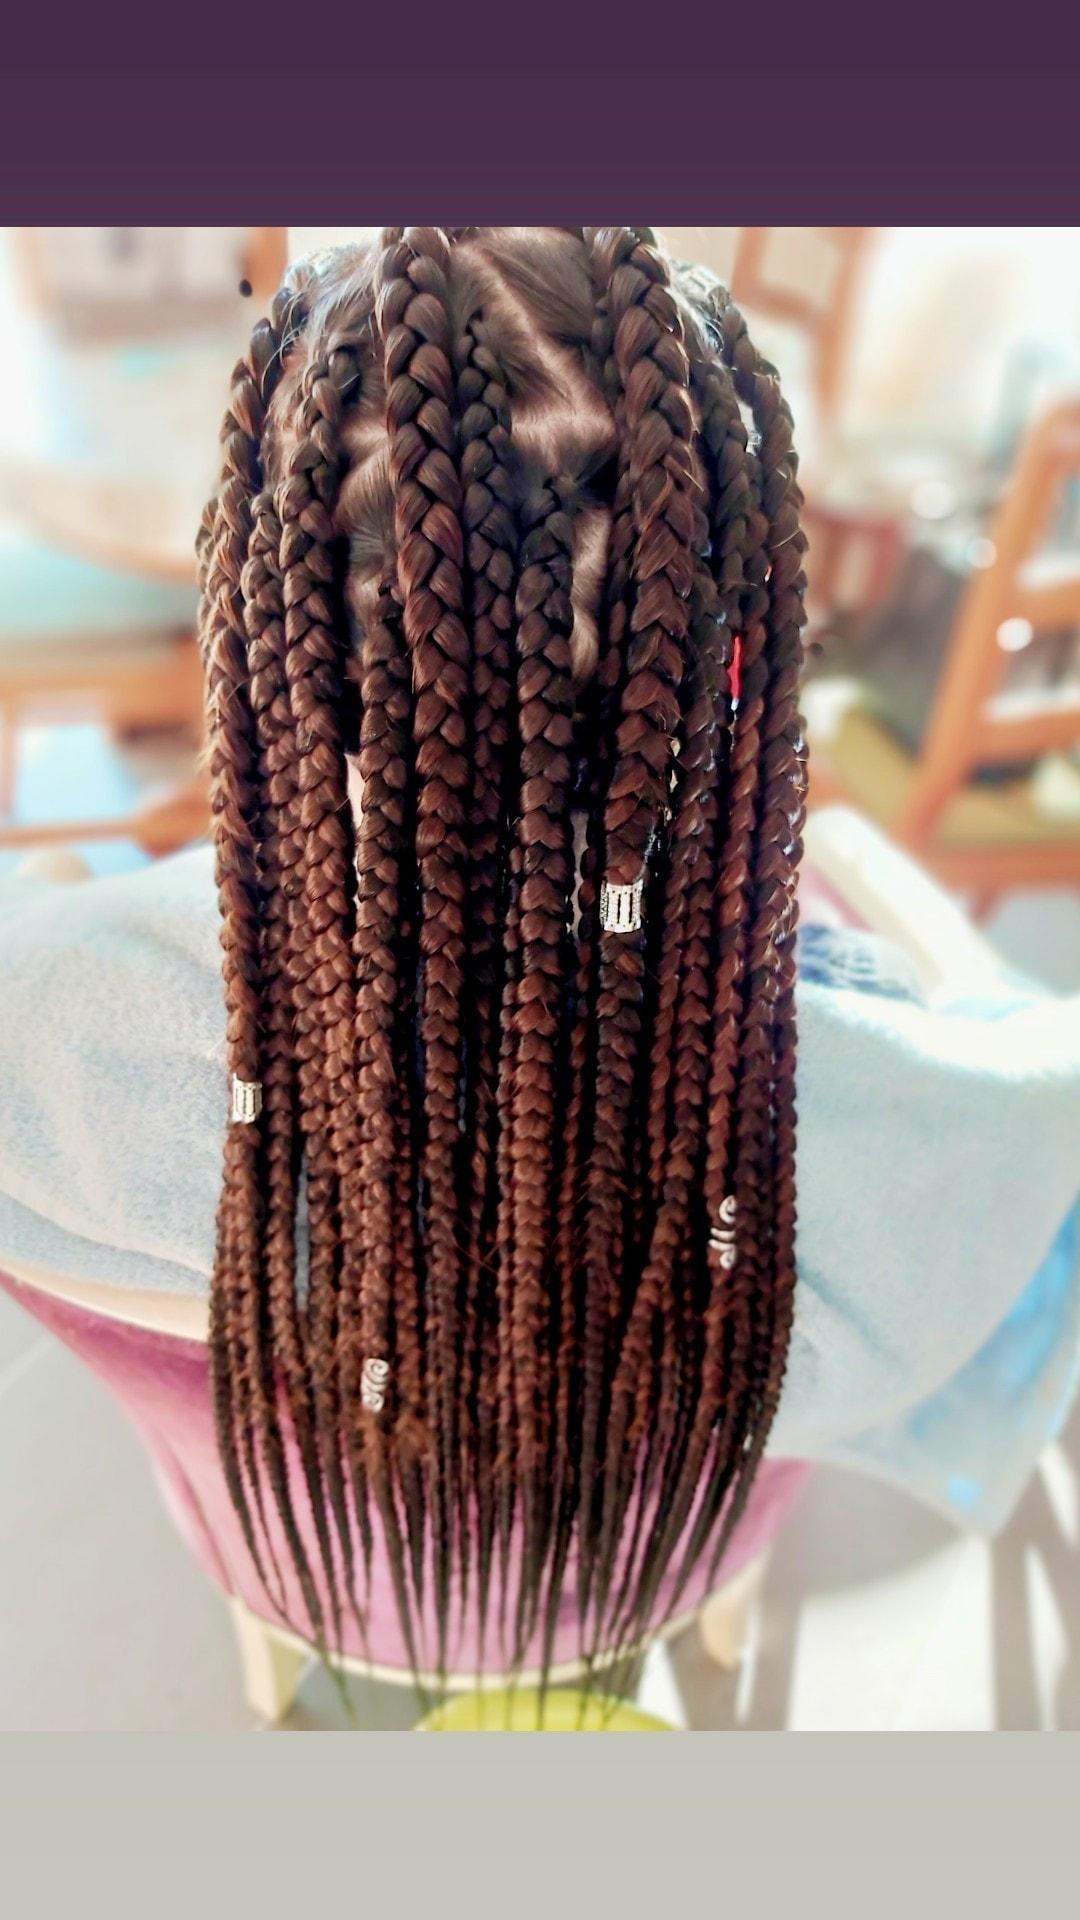 salon de coiffure afro tresse tresses box braids crochet braids vanilles tissages paris 75 77 78 91 92 93 94 95 PGGCKYRD